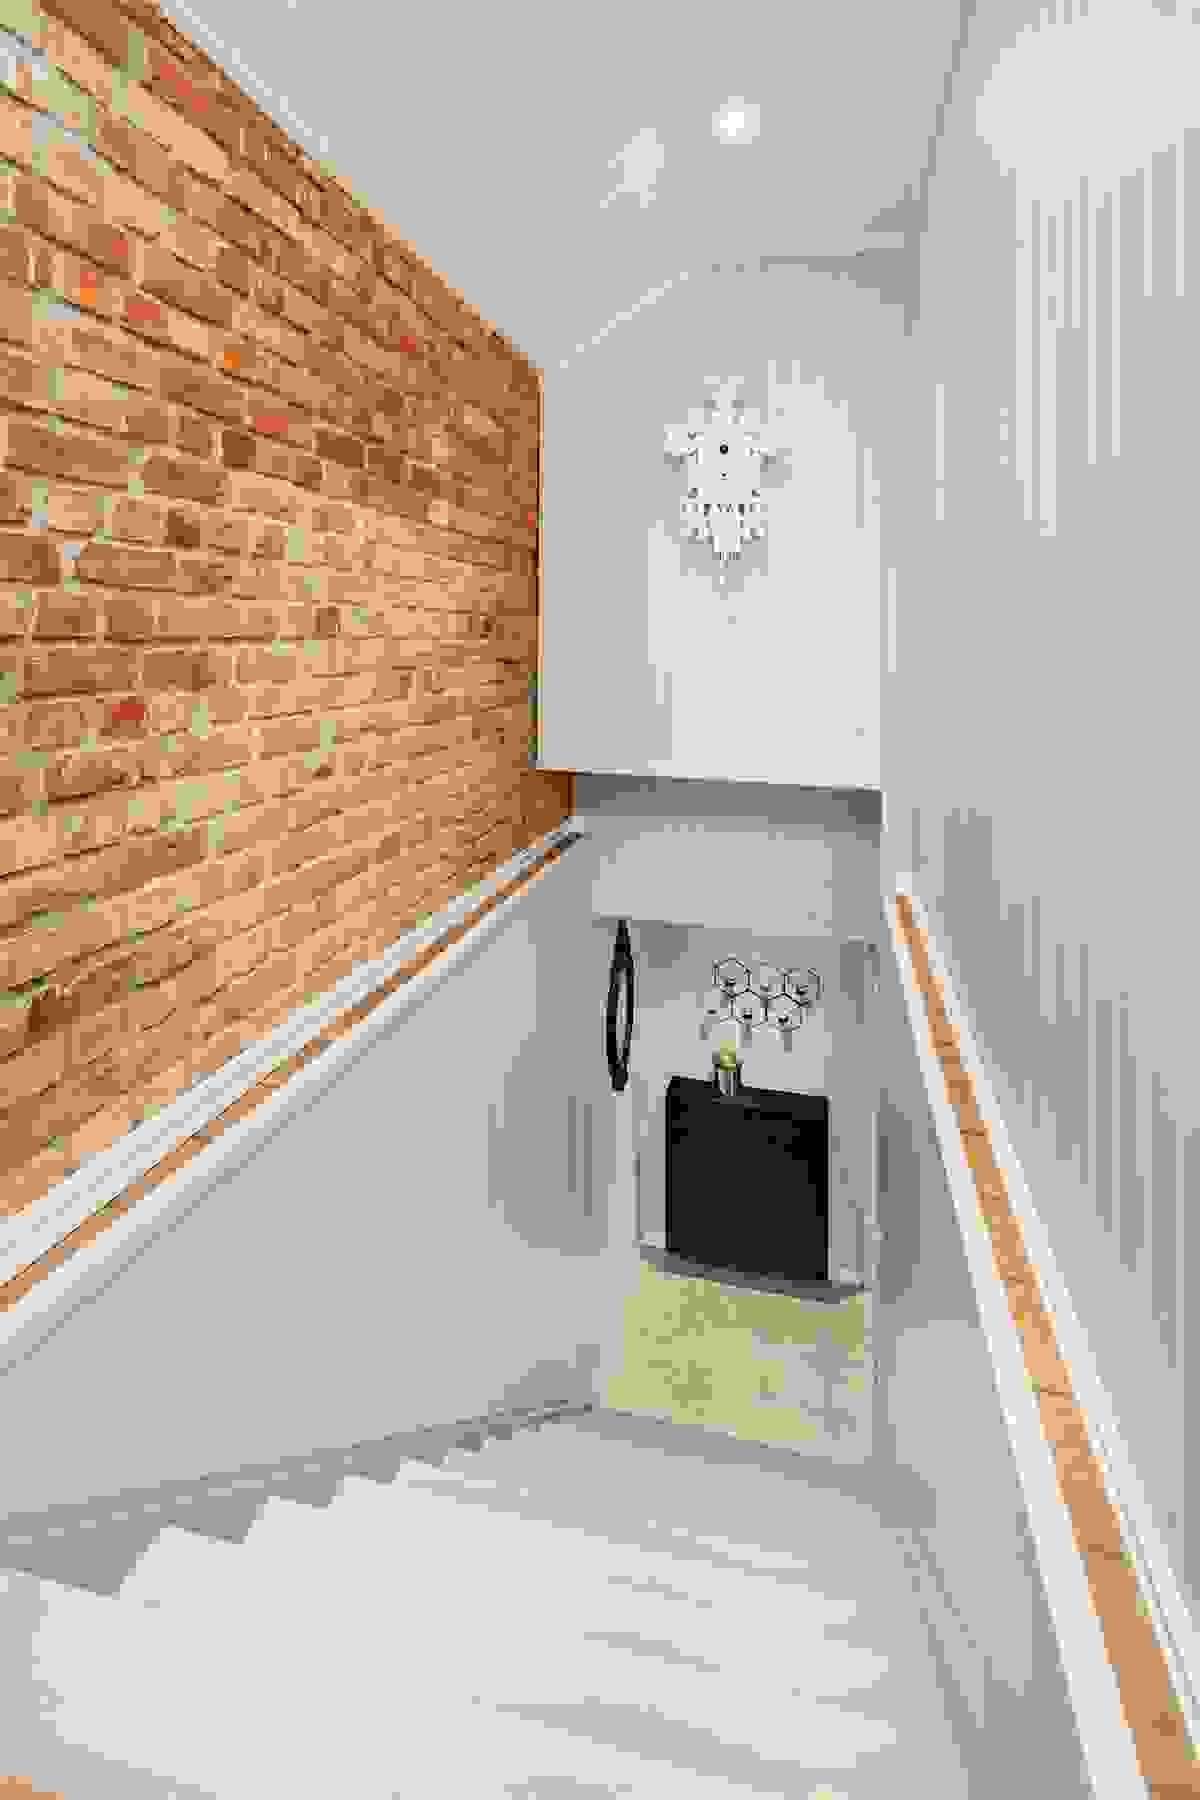 Trappen mellom etasjene har også et flott særpreg